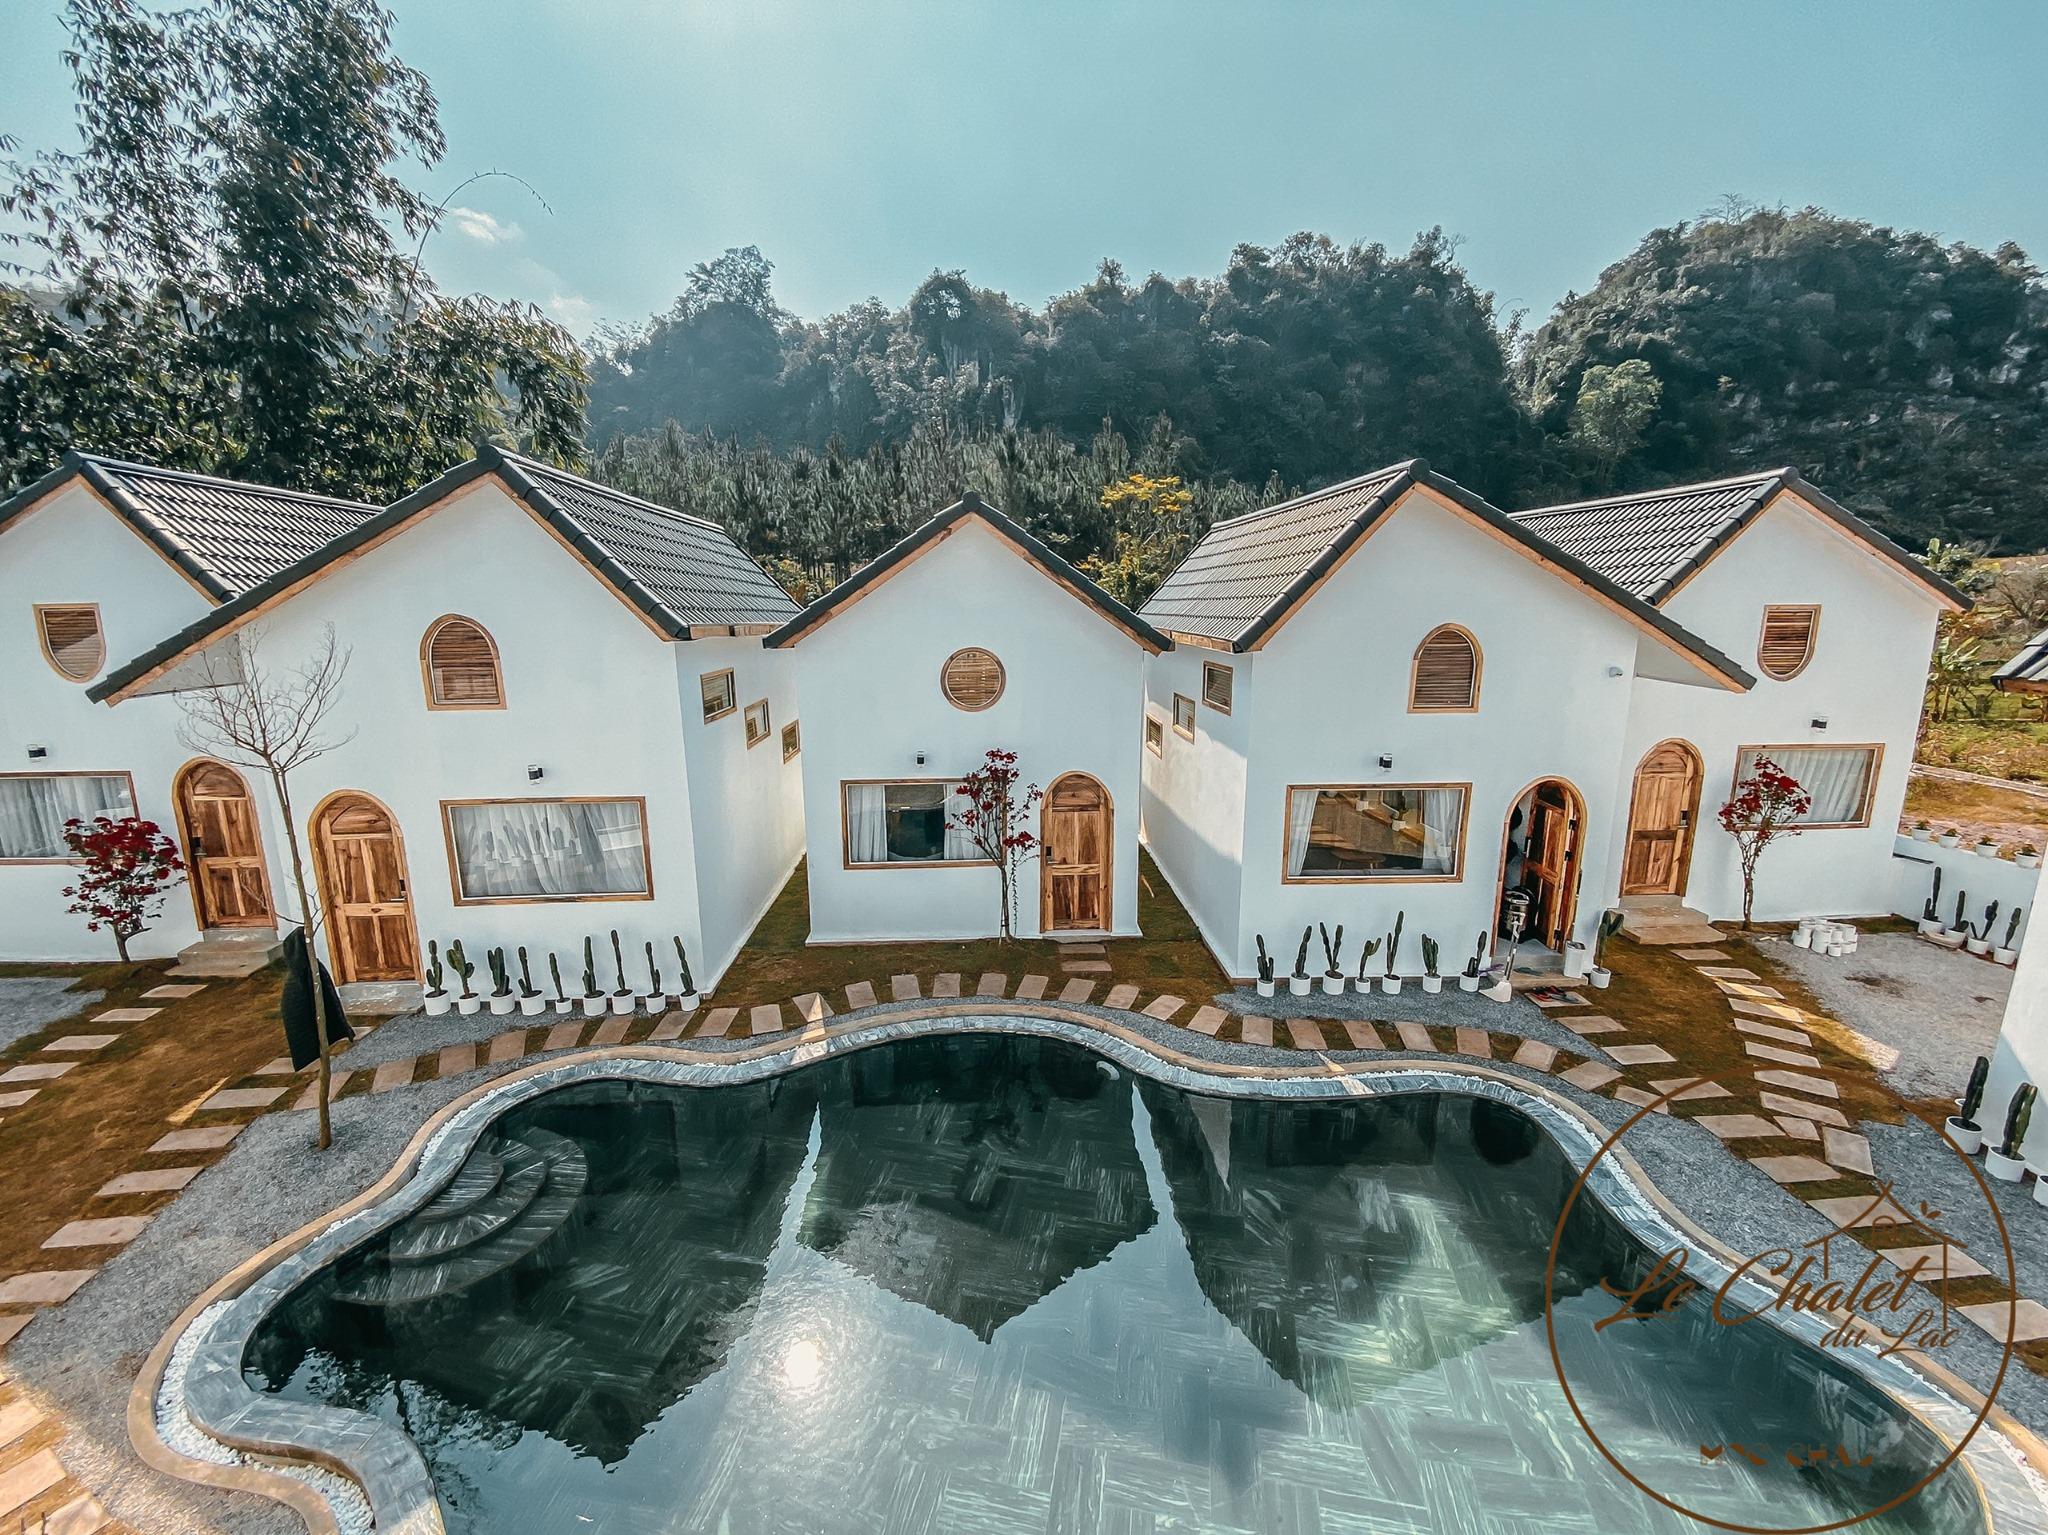 Le Chalet du Lac xinh xắn với những căn nhà màu trắng nằm bên hồ bơi. Nguồn: Le Chalet